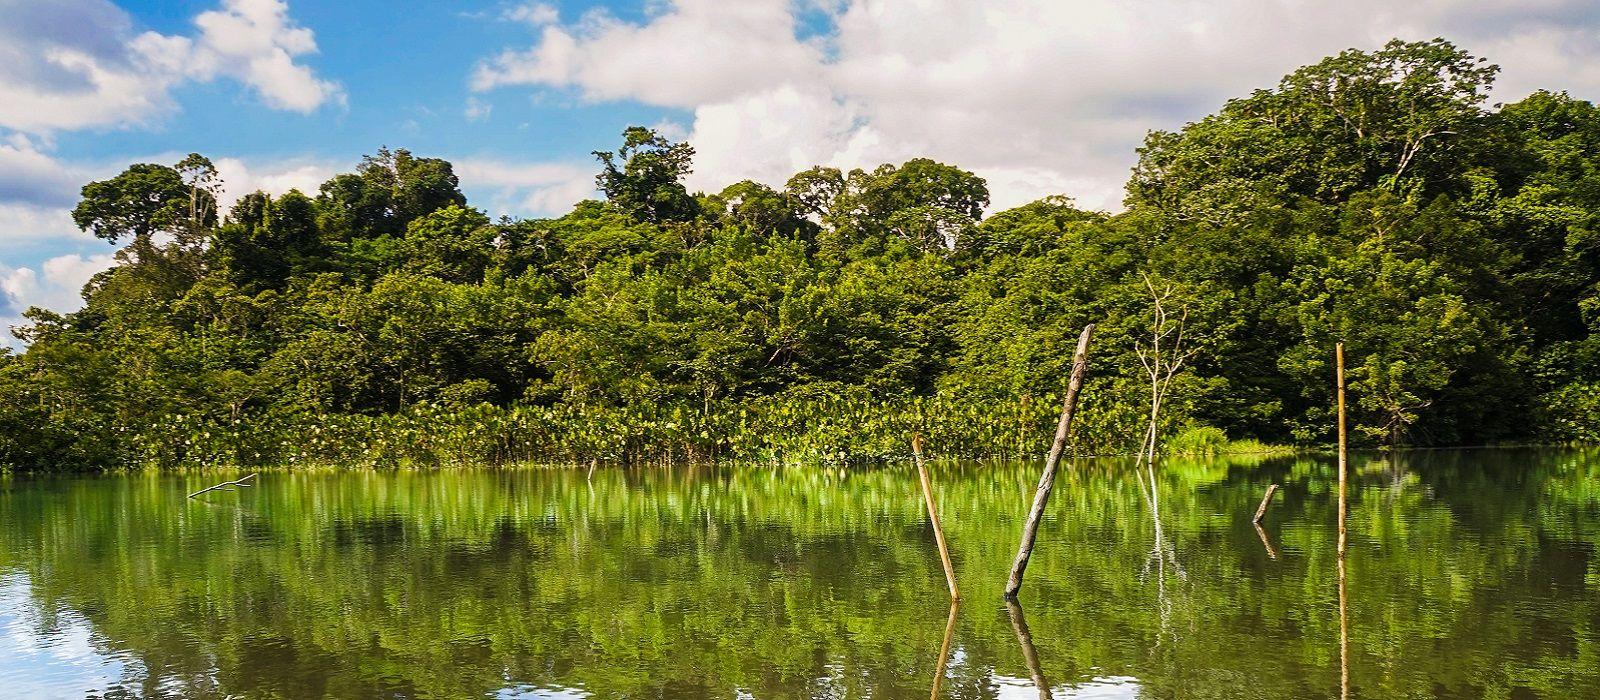 Destination Yasuni Ecuador/Galapagos